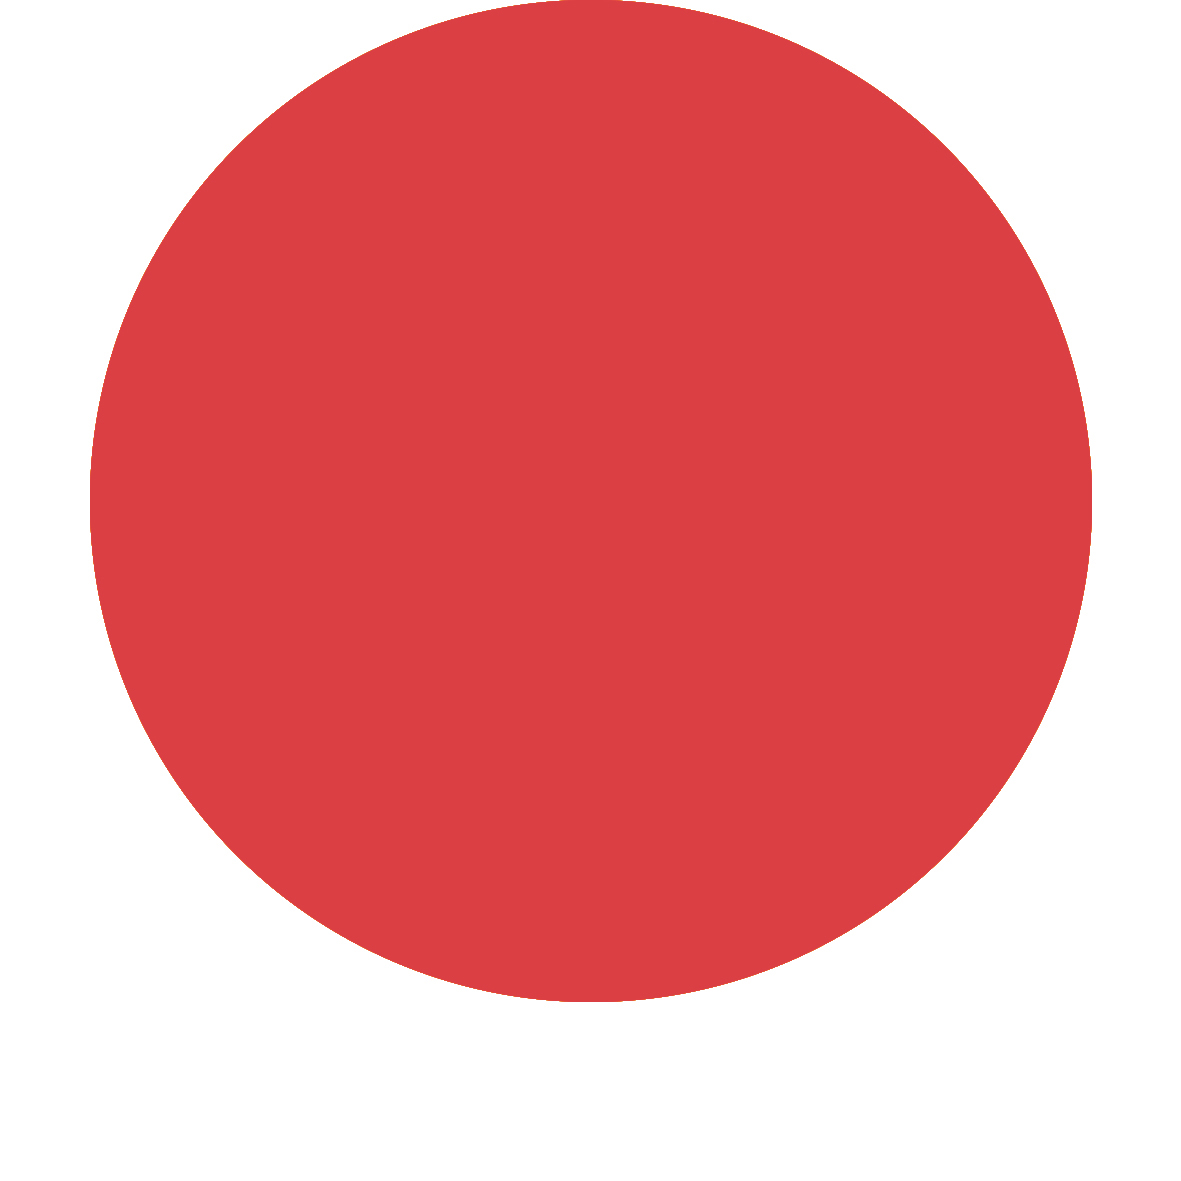 C.I. Red 2(Scarlet R) -